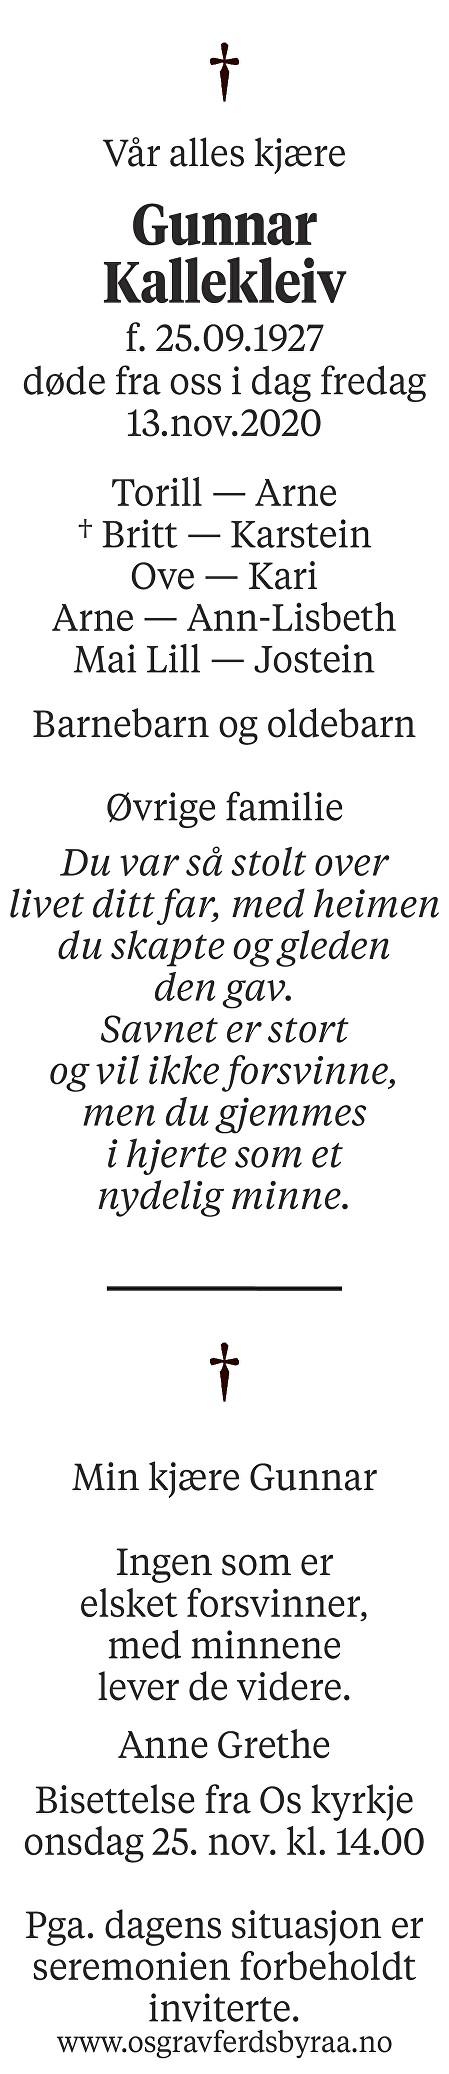 Gunnar Kallekleiv Dødsannonse